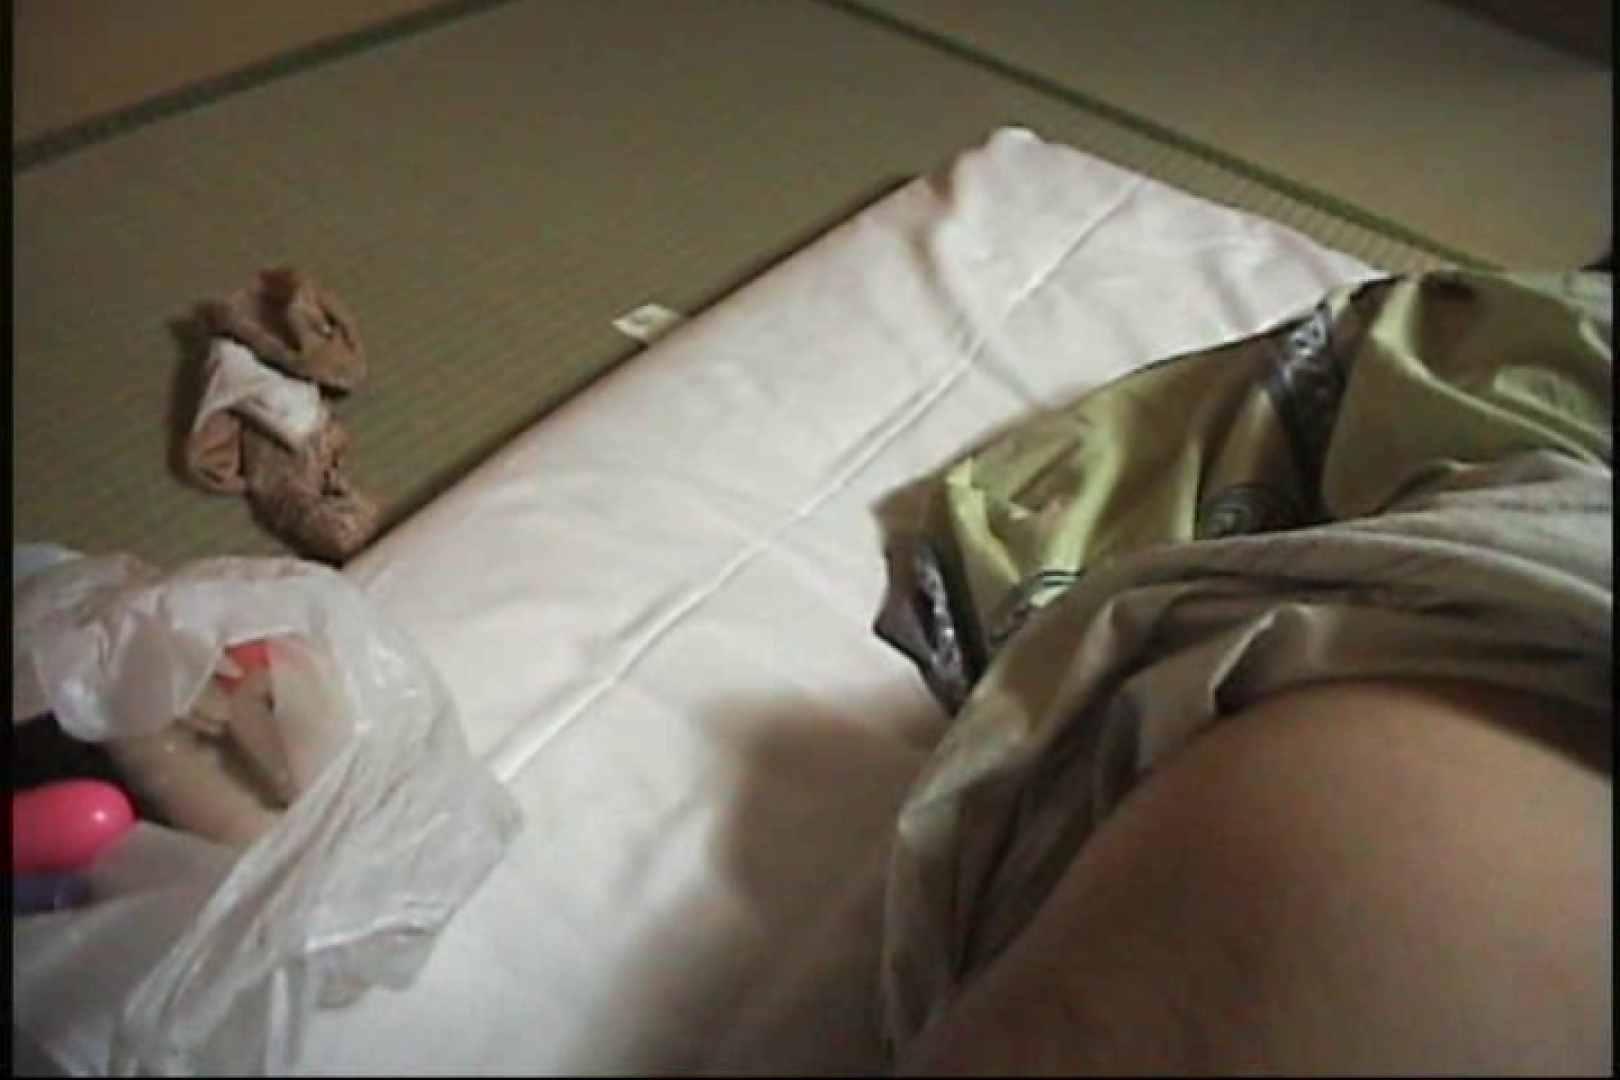 いっくんの調教シリーズ「未亡人みずほ27歳市役所職員」Vol.7 浴衣  67画像 48